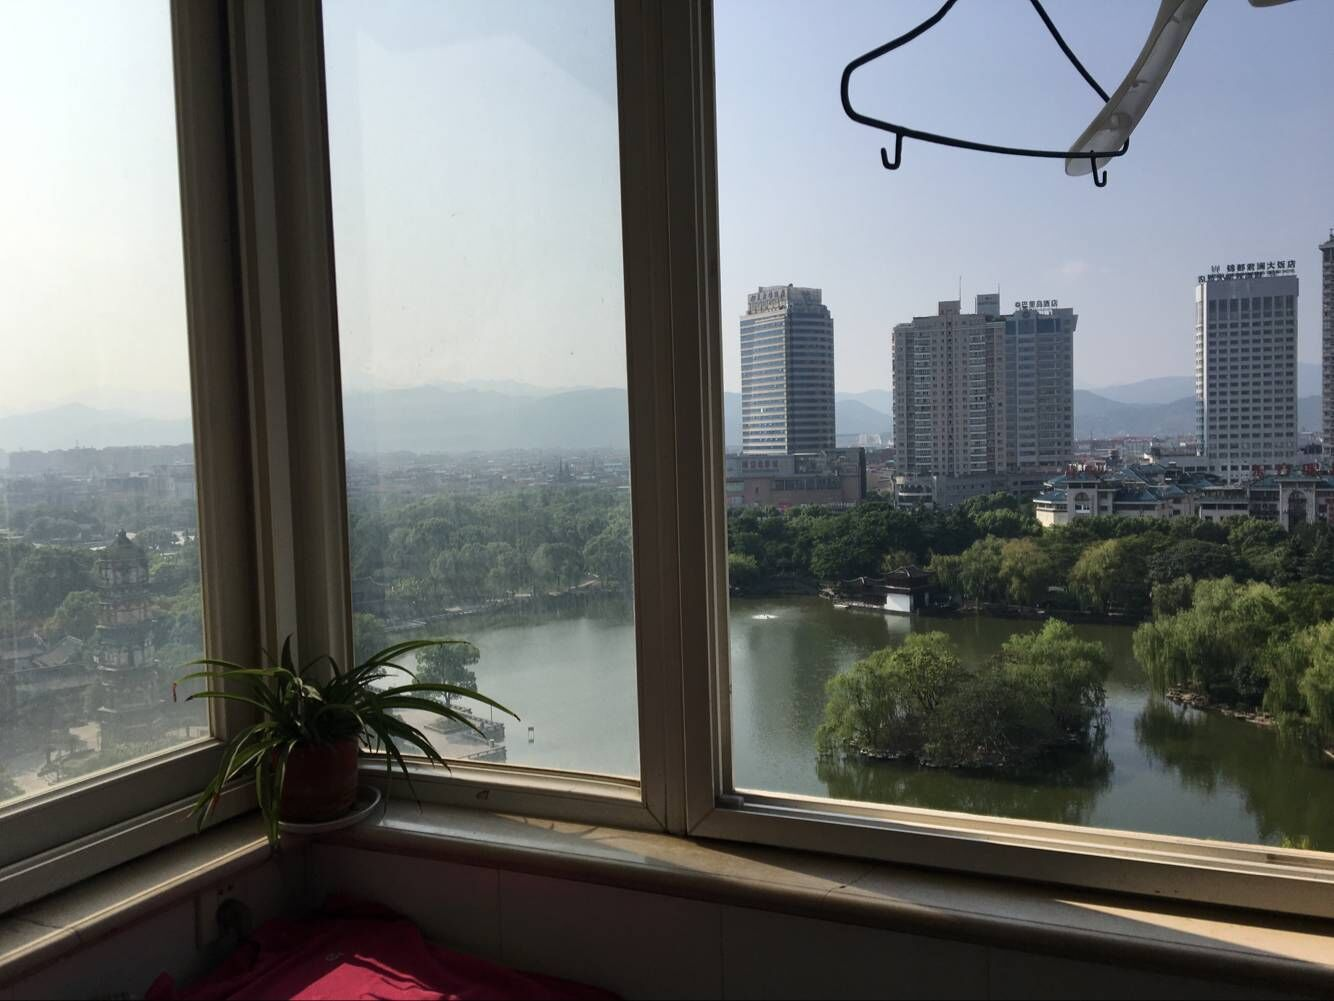 【亚和认证房】绣湖公寓184平660万全绣绣湖景观房